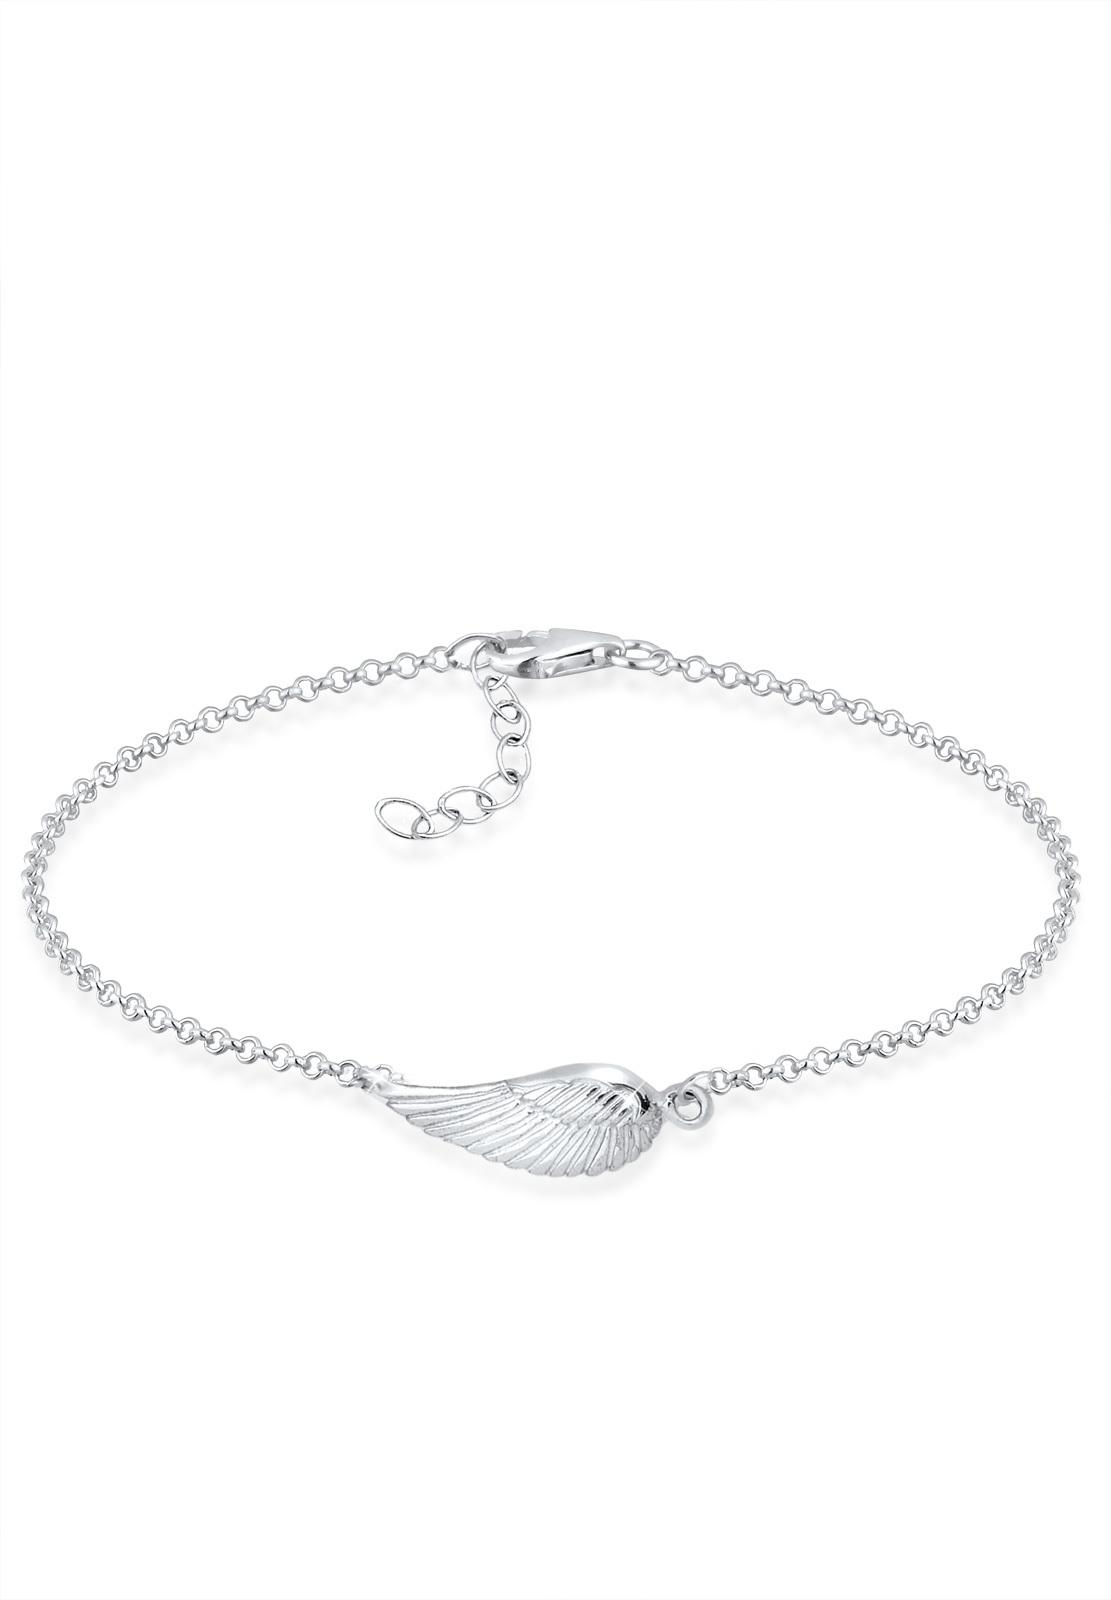 Armband Flügel   925er Sterling Silber